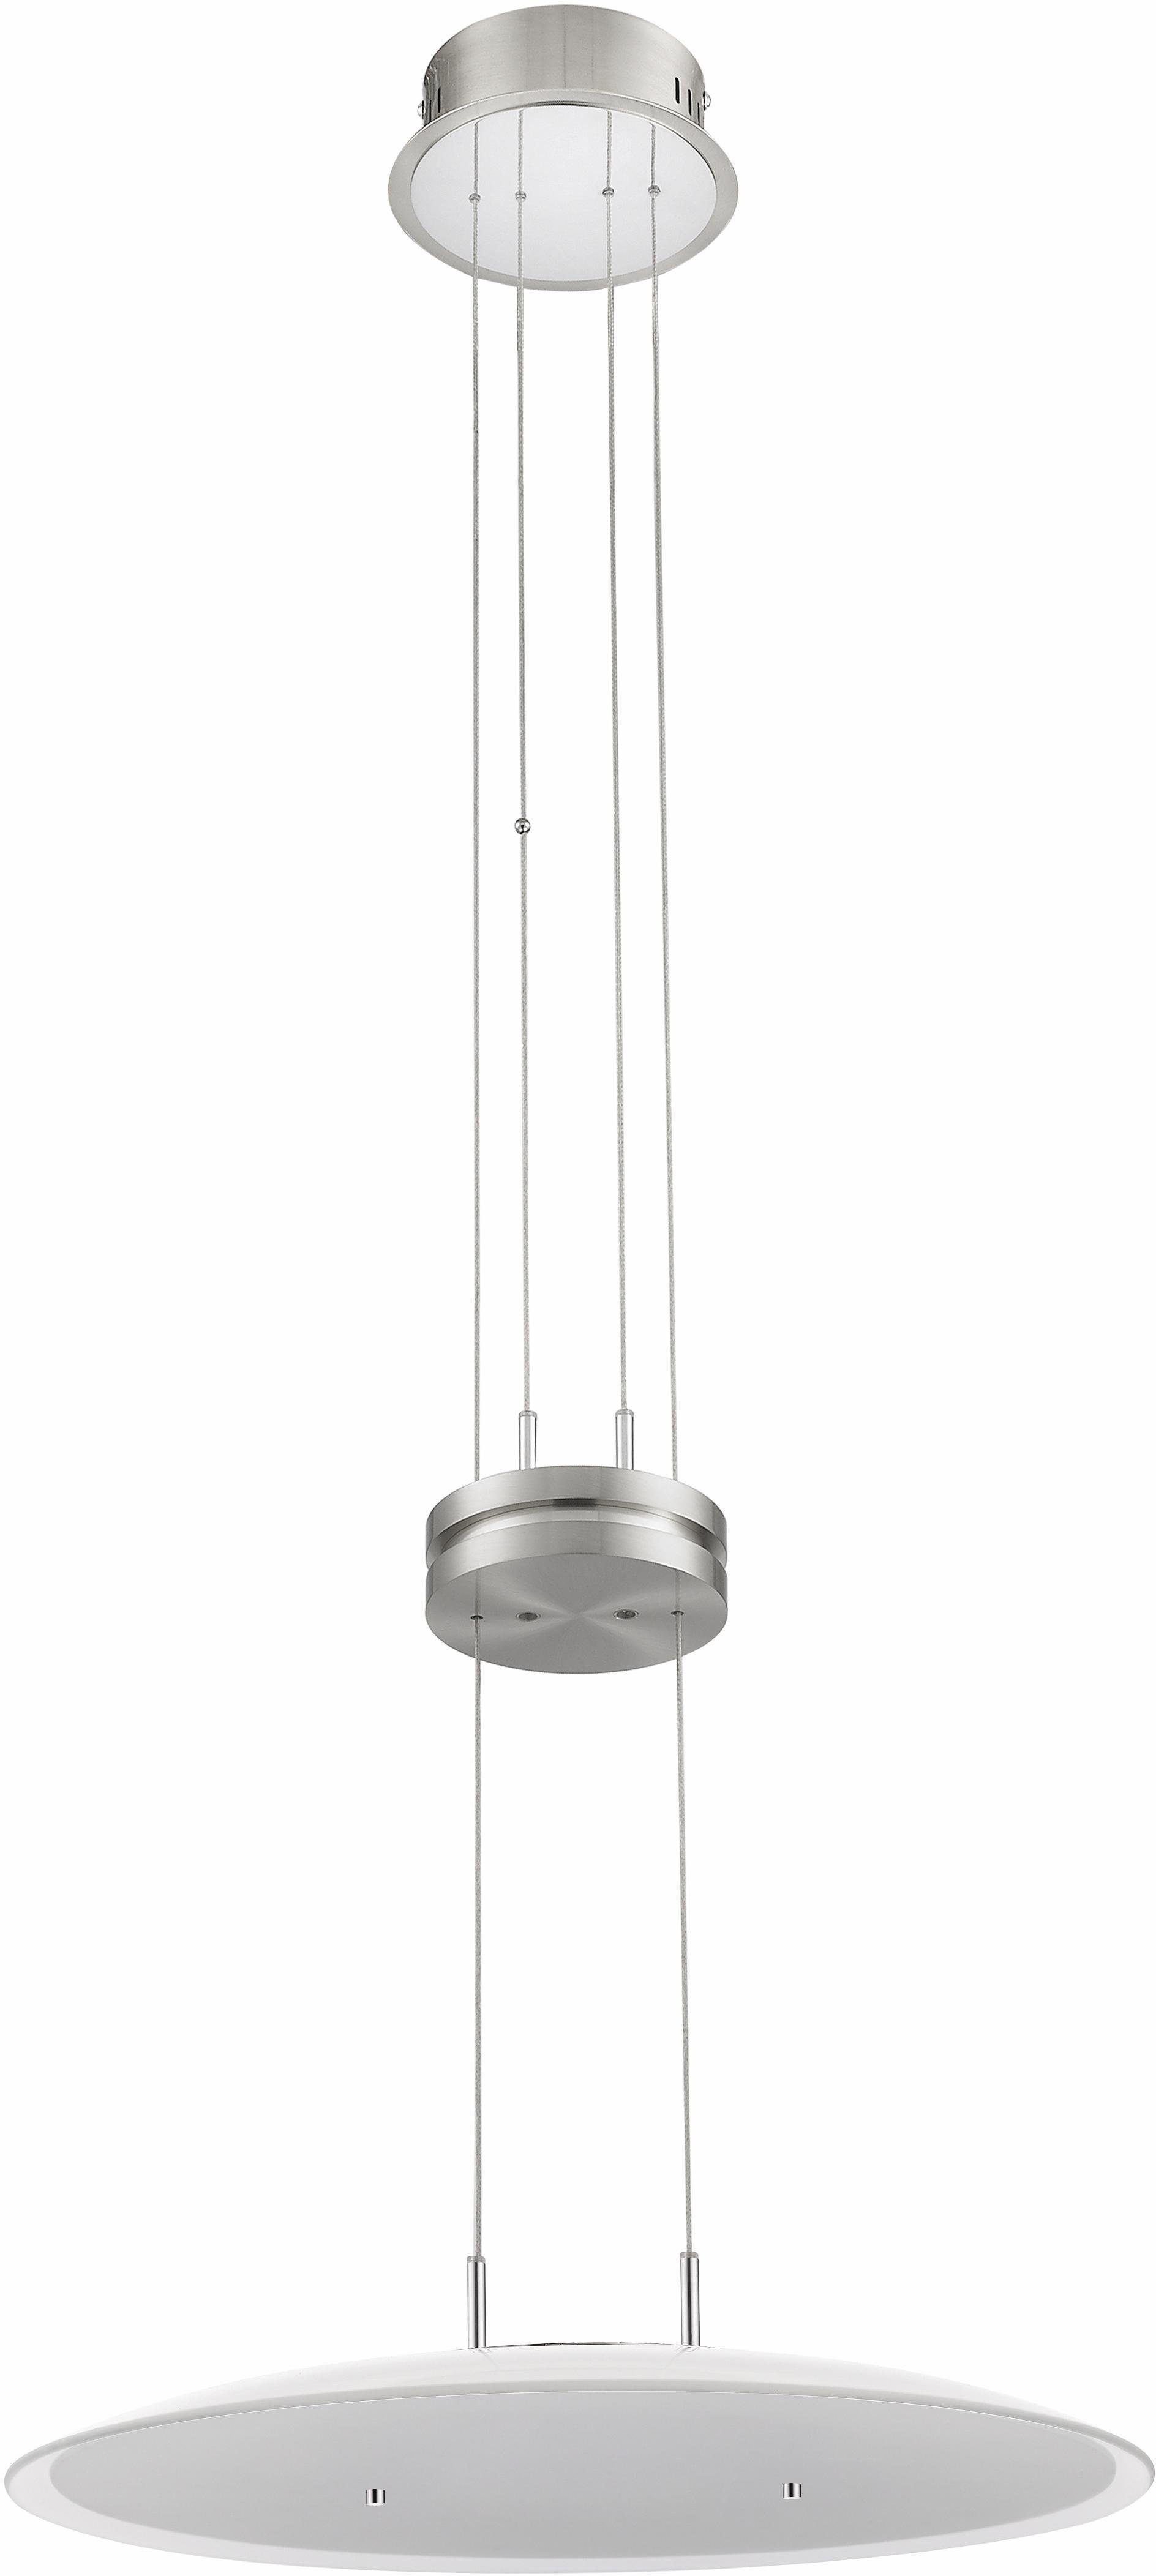 TRIO Leuchten LED Pendelleuchte »ELINA«, 1-flammig